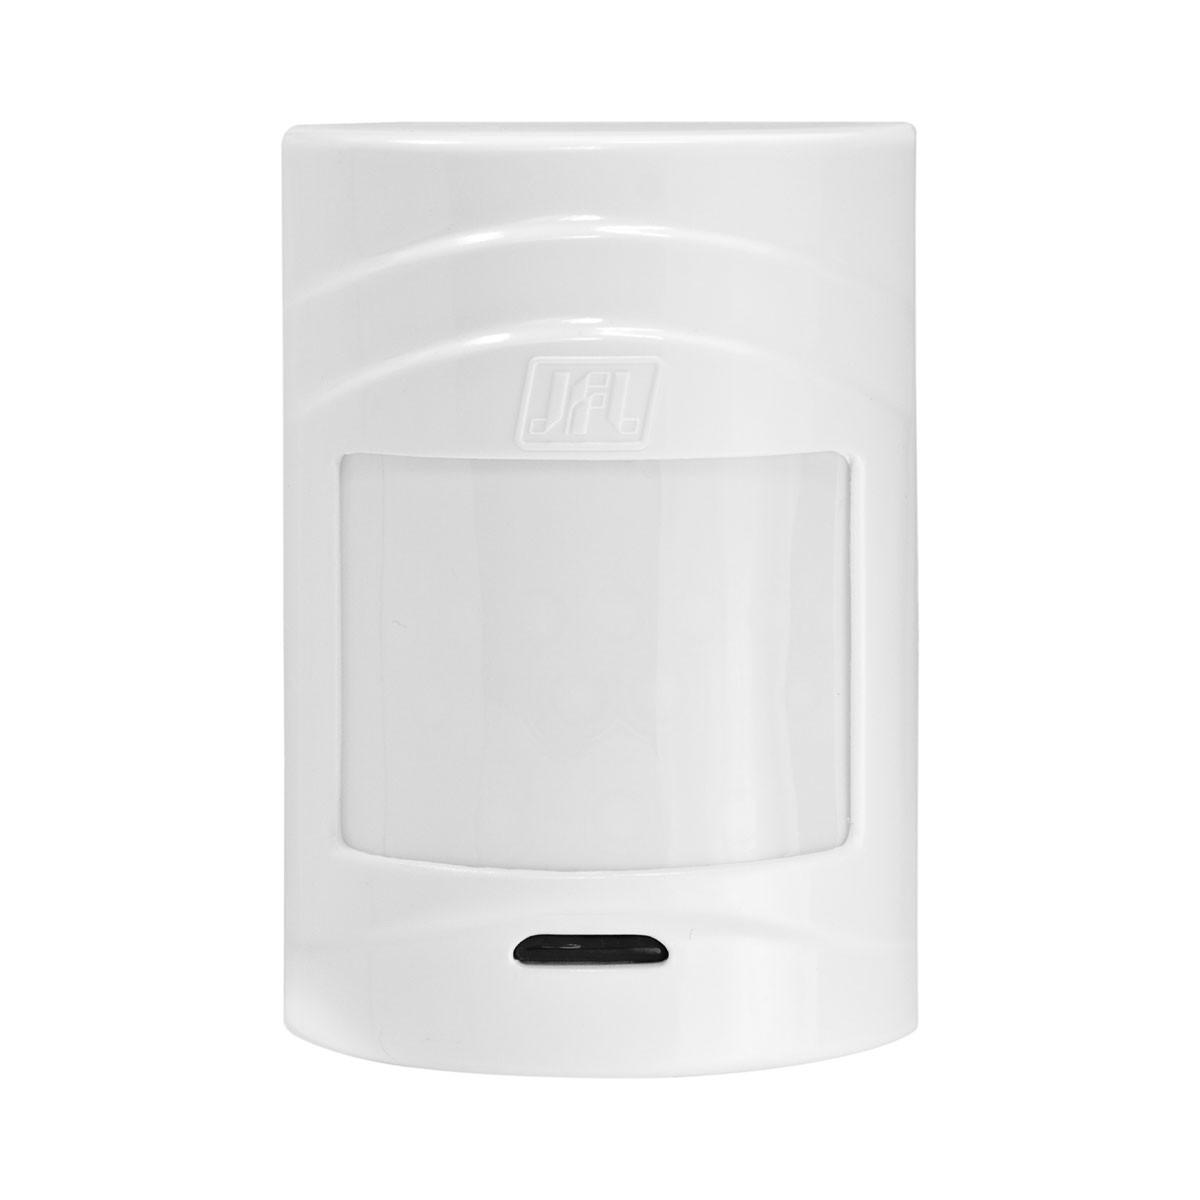 Kit Alarme SmartCloud 18 Com Sensores Sem Fio Shc Fit e IrPet 530 Sf Jfl